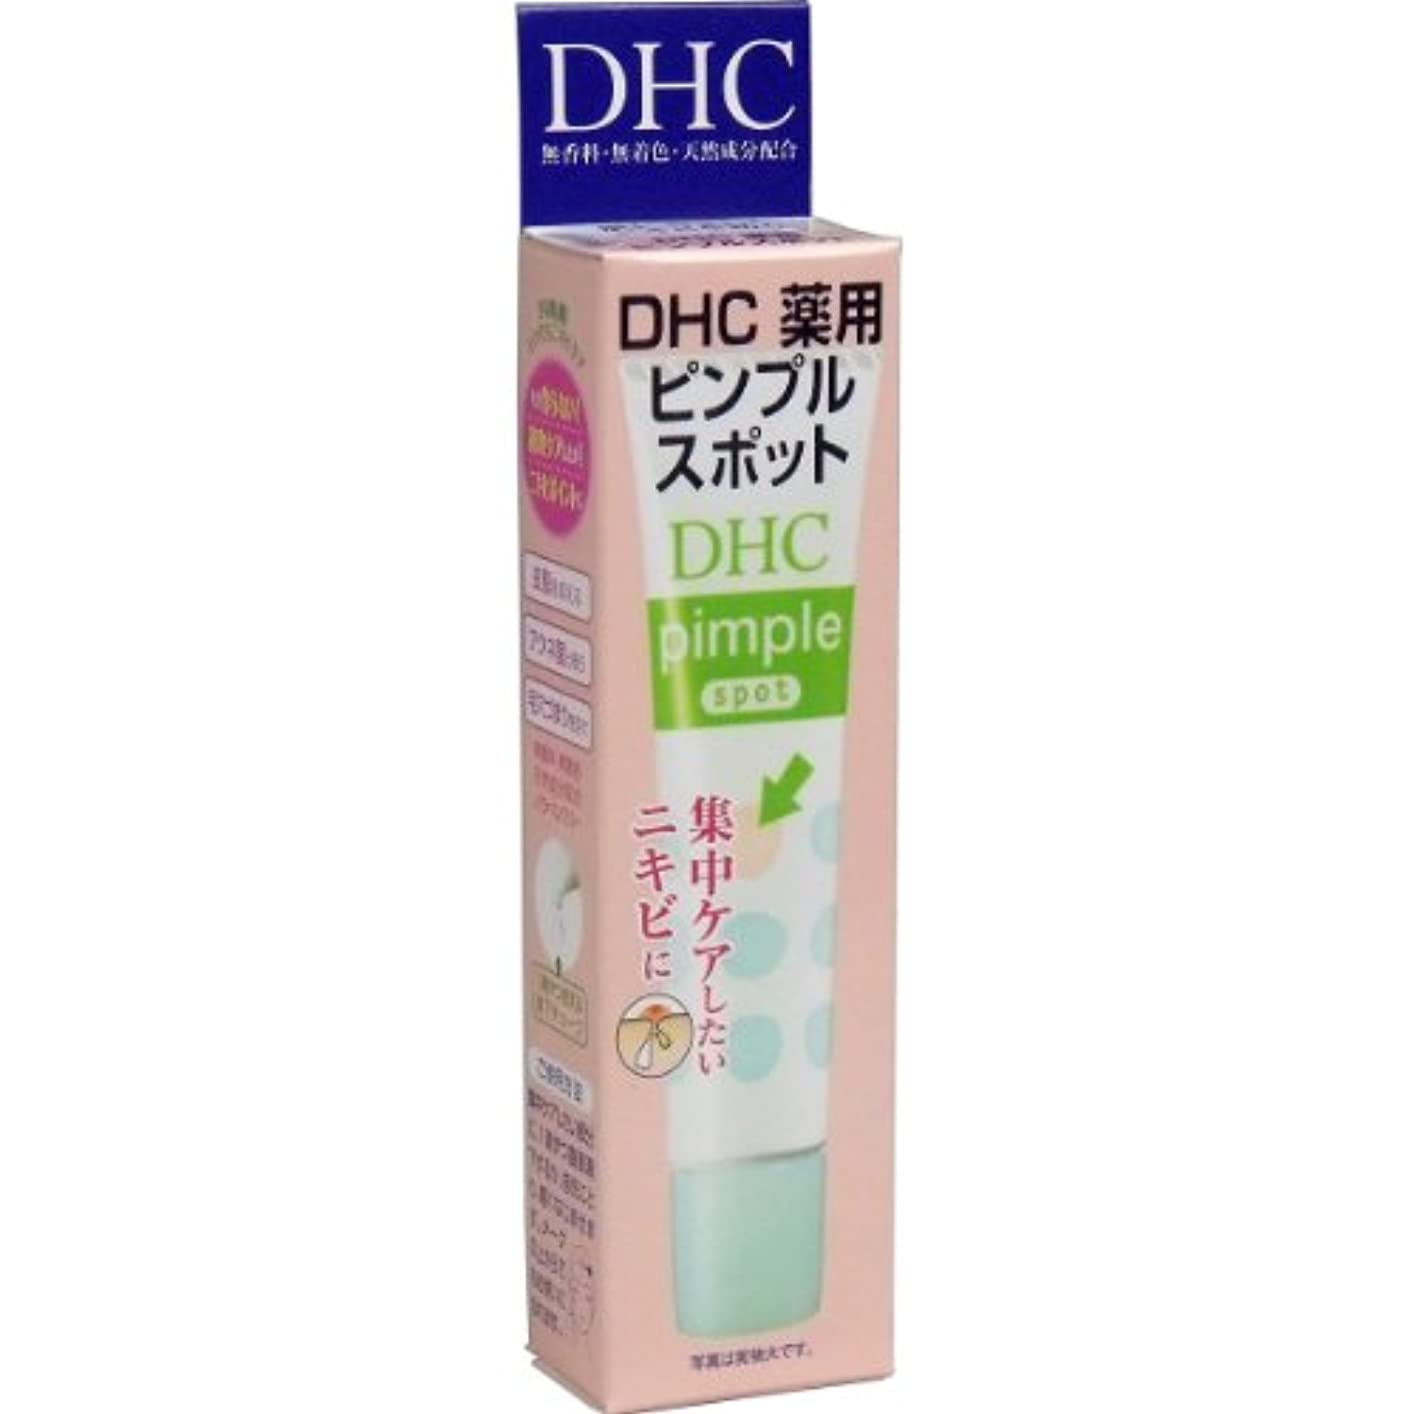 めまいチロポルノ【DHC】DHC 薬用ピンプルスポット 15ml ×10個セット